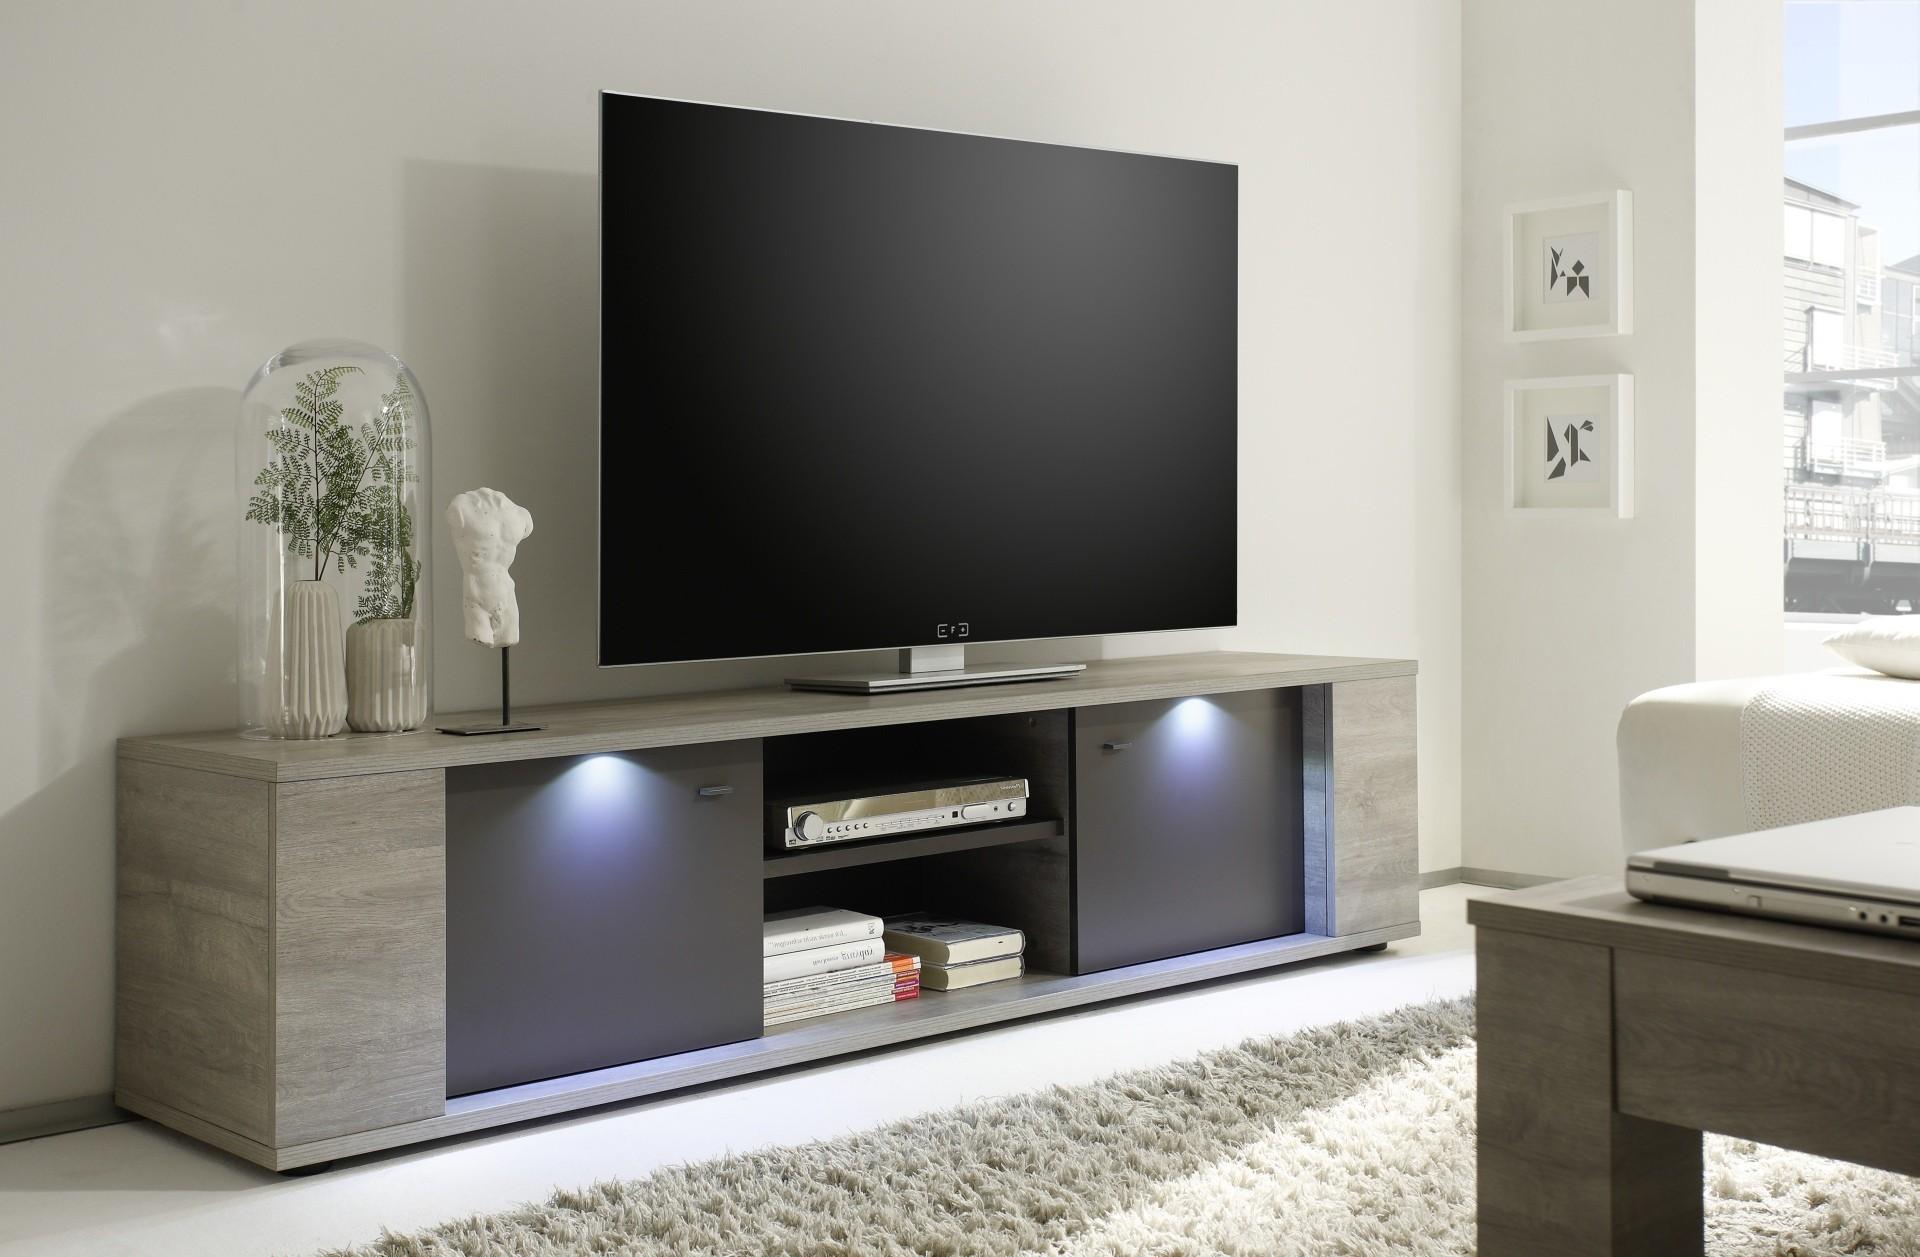 Meuble Tv Pour Chambre Meuble Tv 192 Divers Meubles Deco Ref  # Meuble Tv Pour Chambre